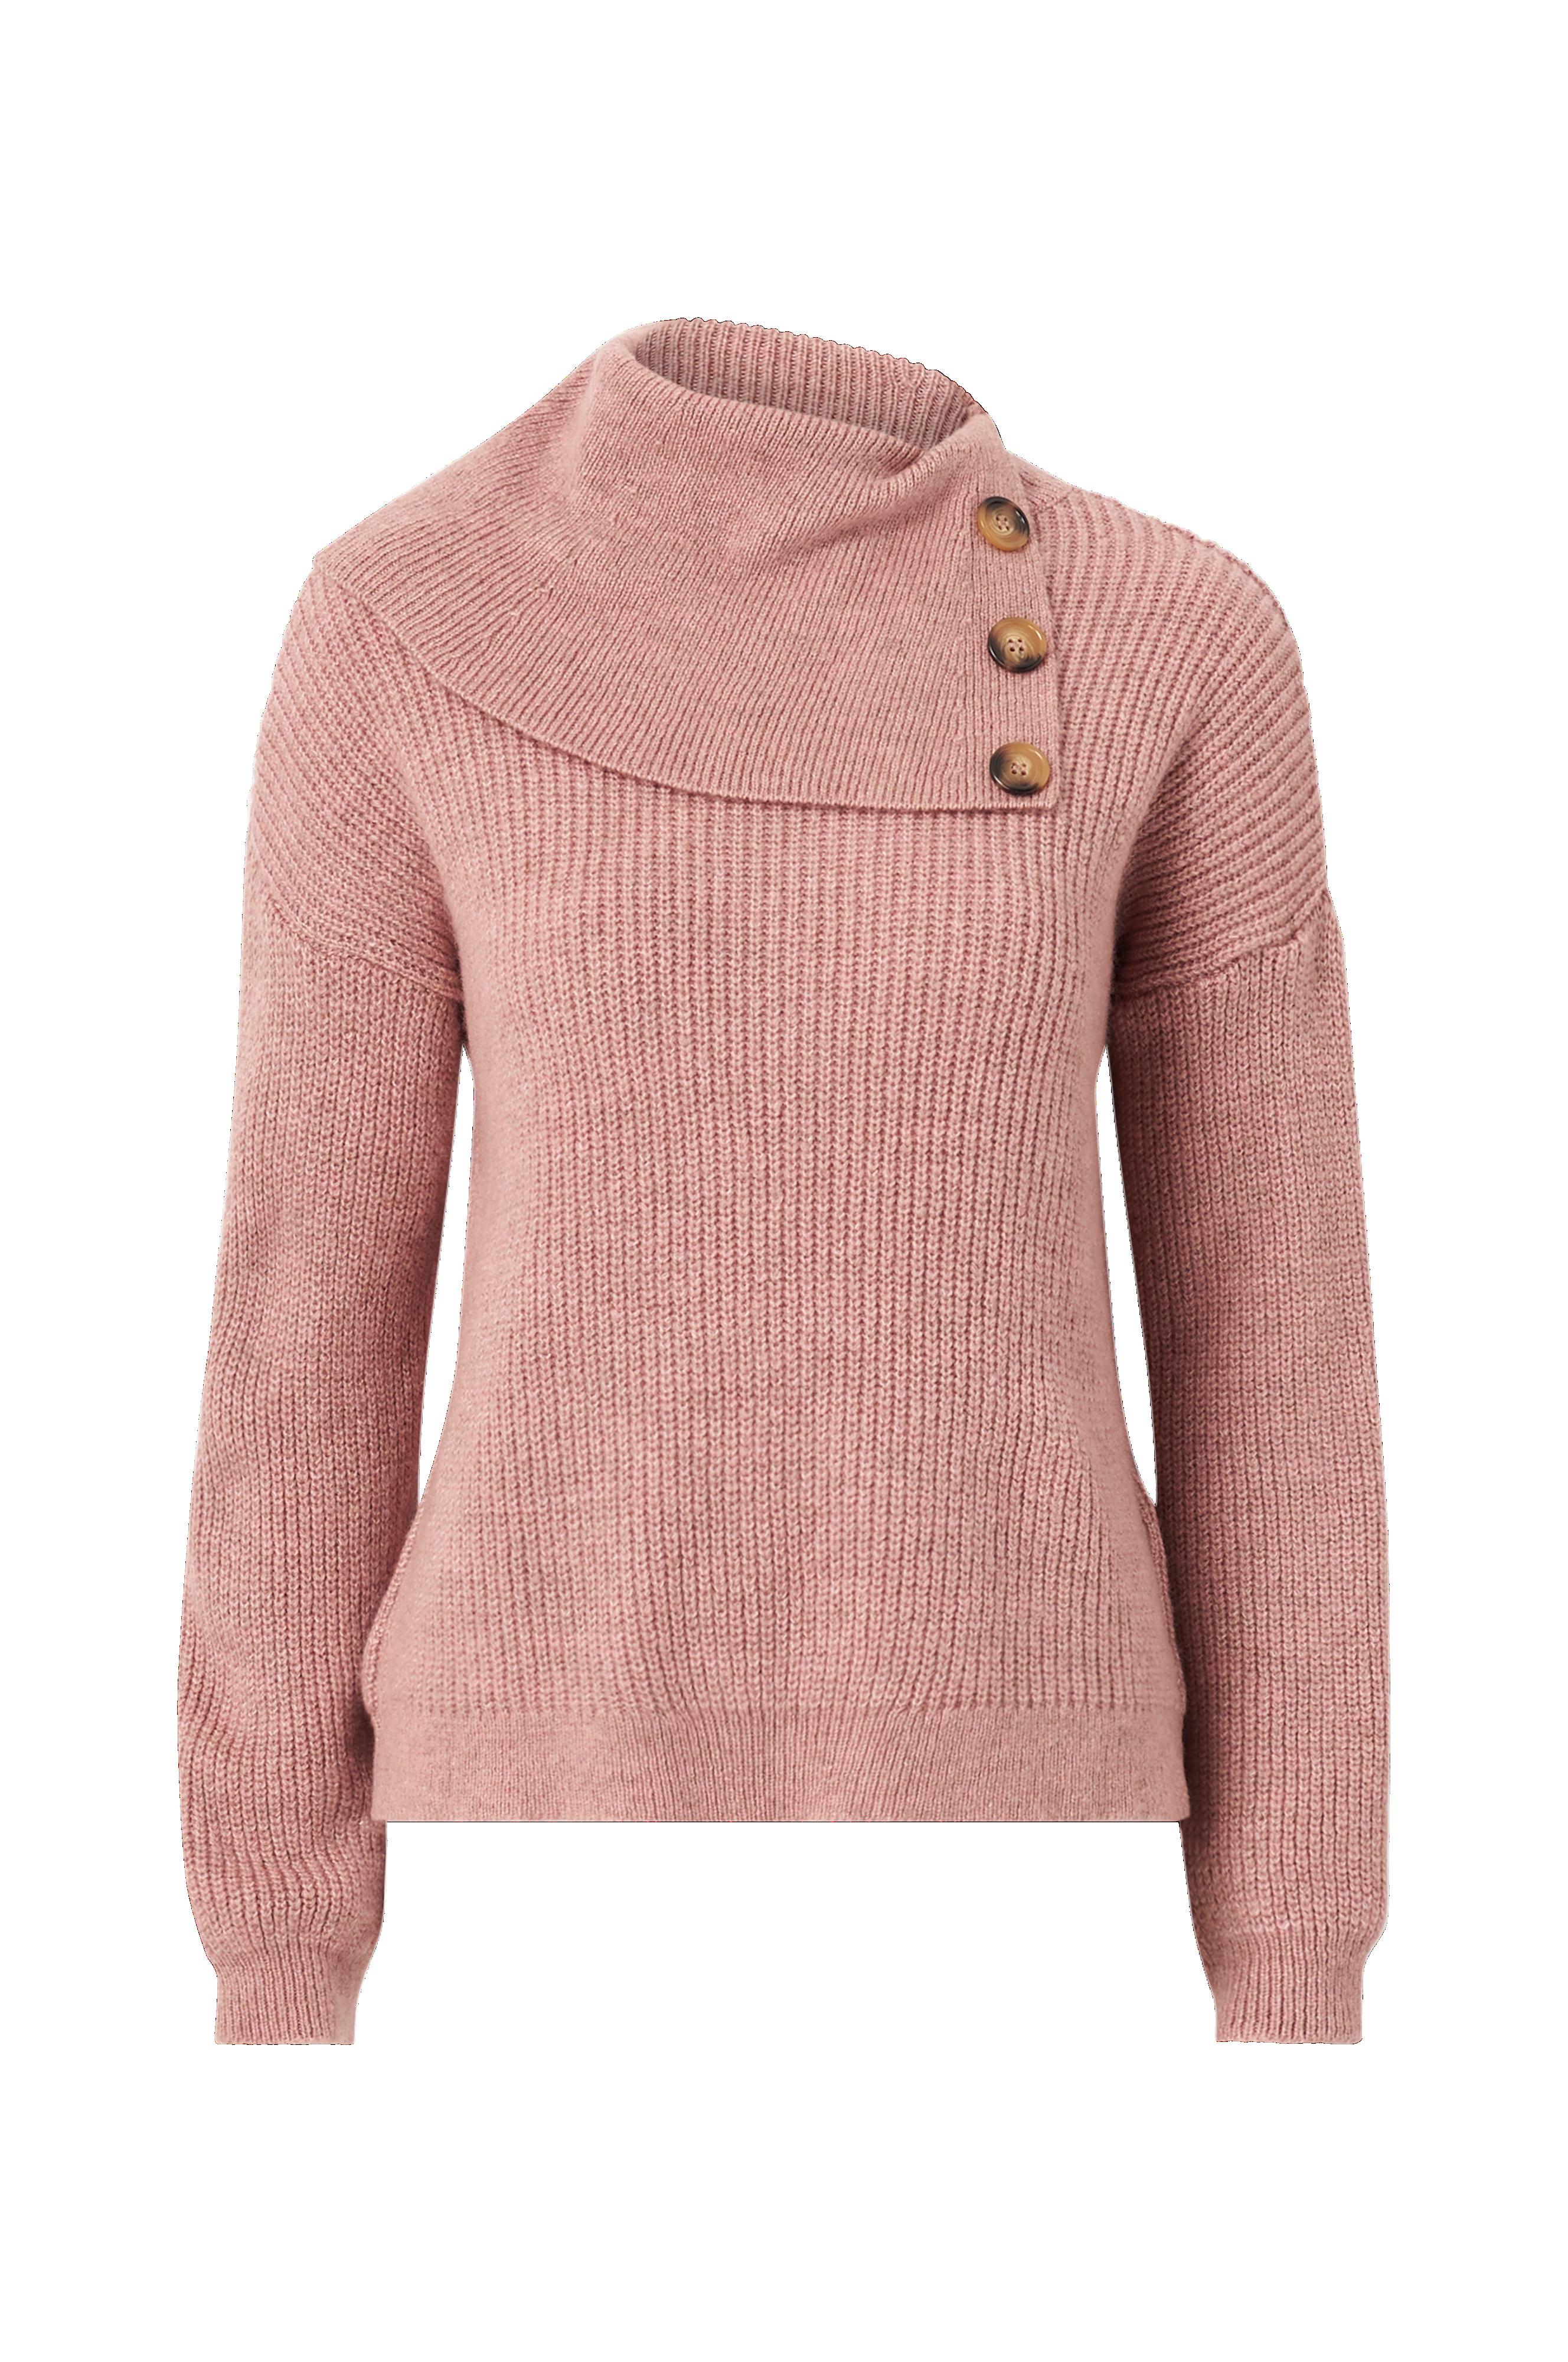 ONLY Womens Onljalena L//S Knot Top JRS Sweatshirt